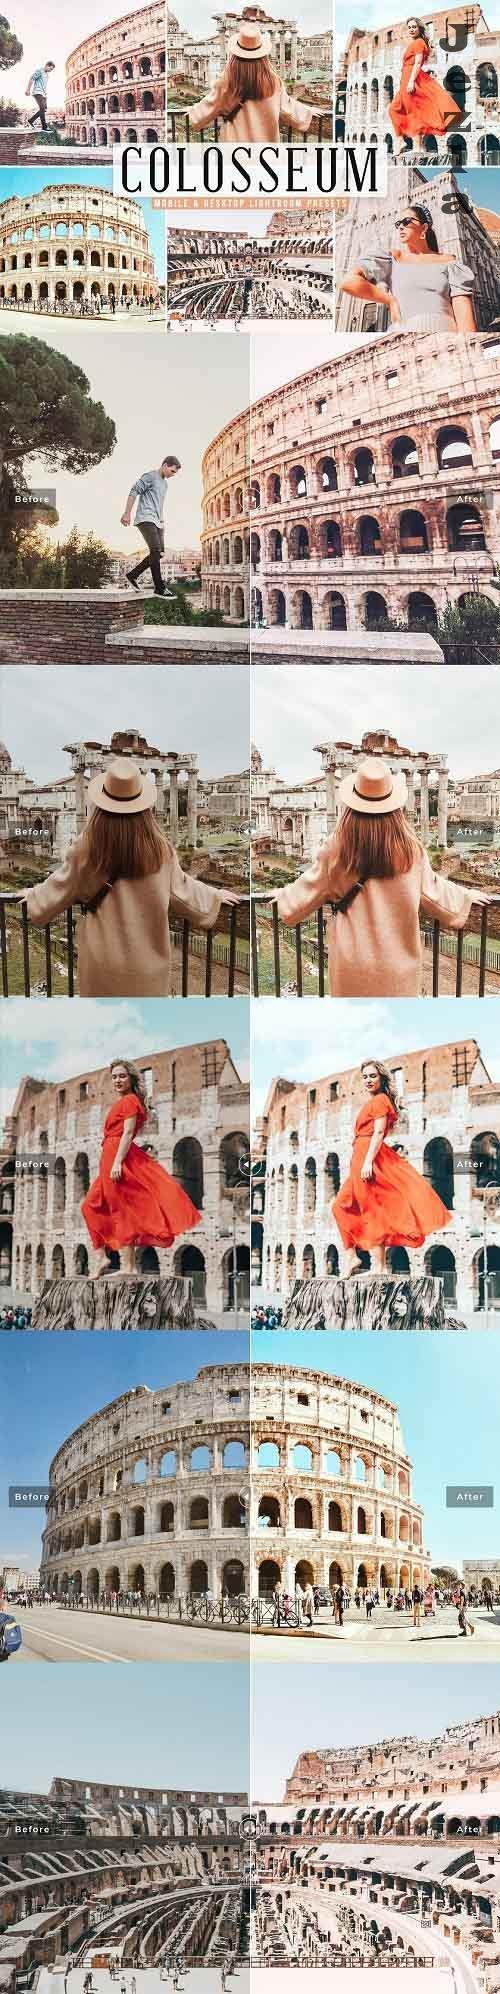 Colosseum Pro Lightroom Presets - 5772331 - Mobile & Desktop